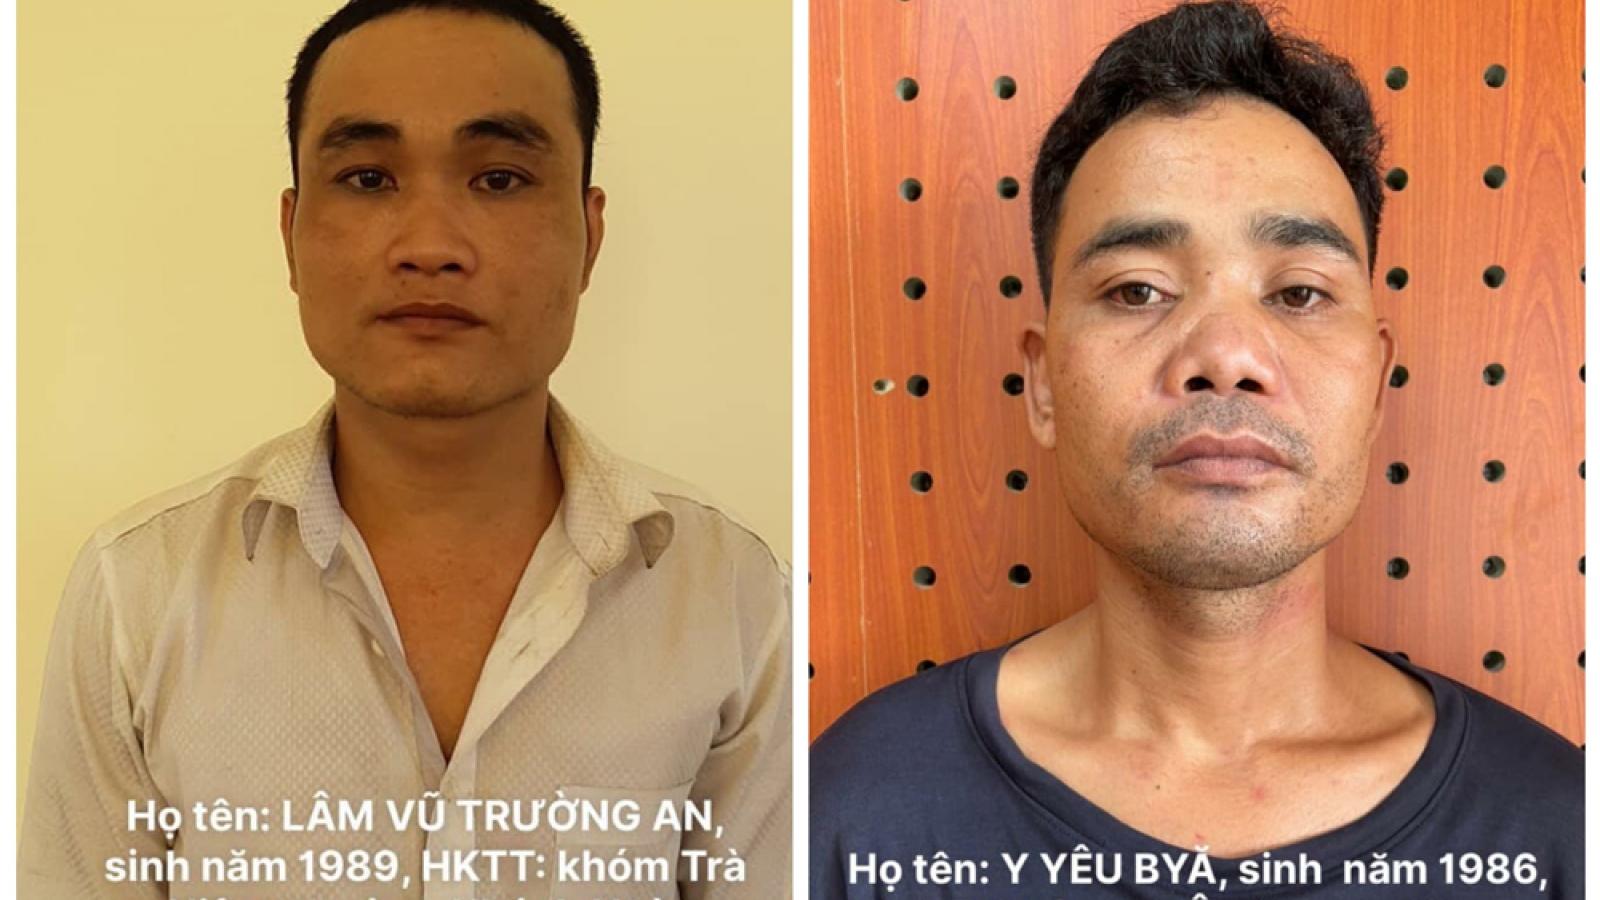 Bắt 2 đối tượng đâm chết người trong quán nhậu ở Bình Dương